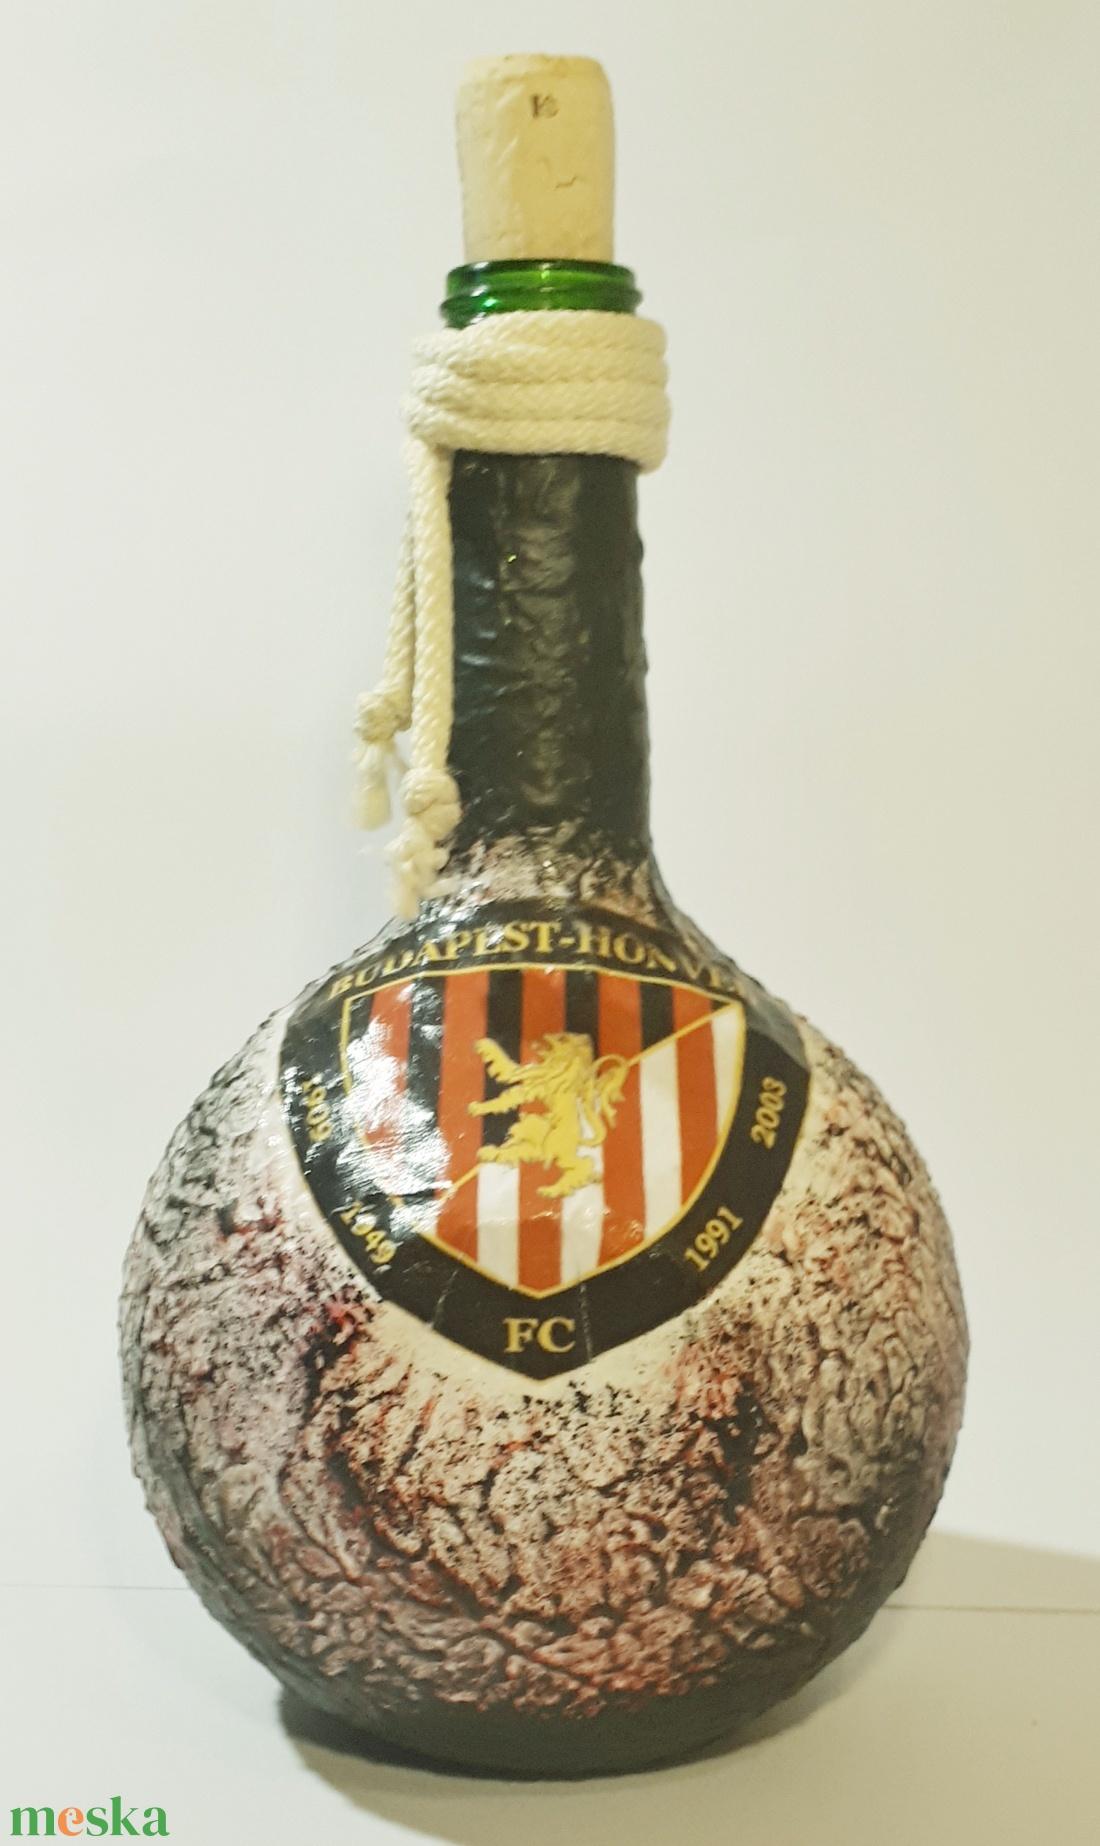 Budapest Honvéd dísz- és használatí üveg sport rajongói ajándékl (Biborvarazs) - Meska.hu